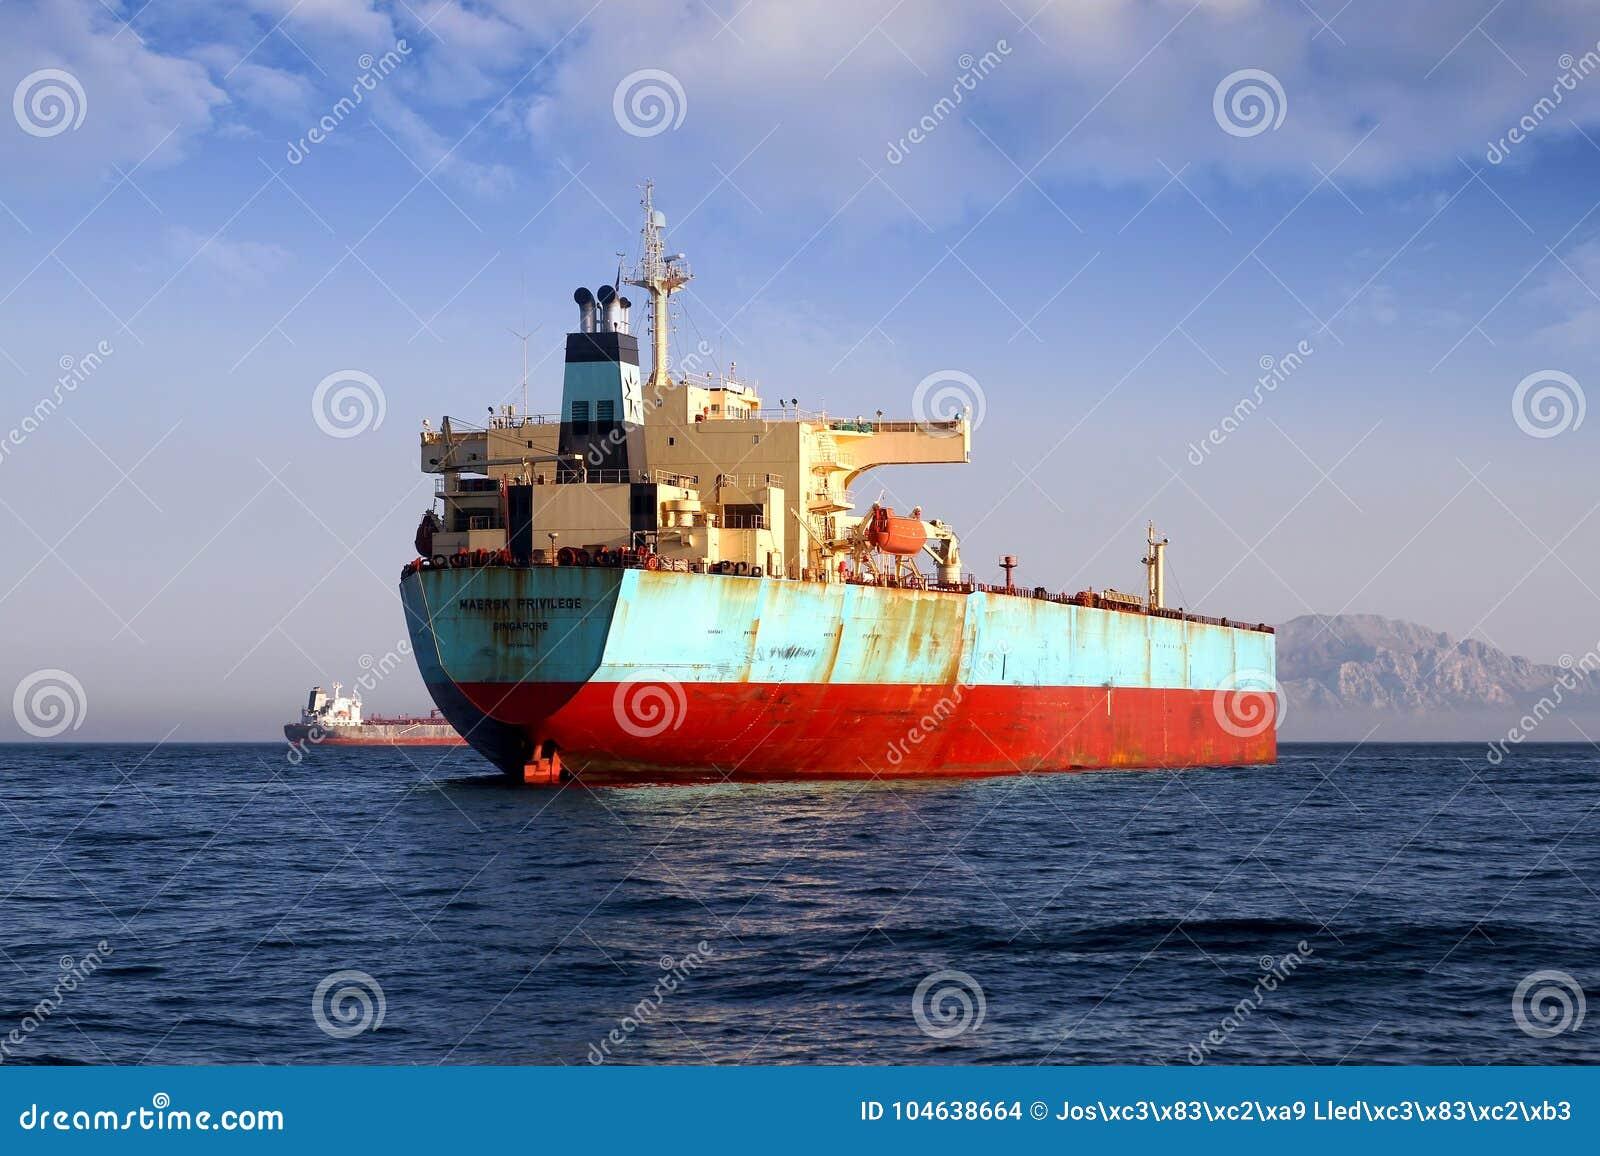 Download De Boogmening Van Het Voorrecht Van Maersk Van Het Bulk-carrierschip Verankerde In Algeciras Baai In Spanje Redactionele Stock Afbeelding - Afbeelding bestaande uit calais, export: 104638664